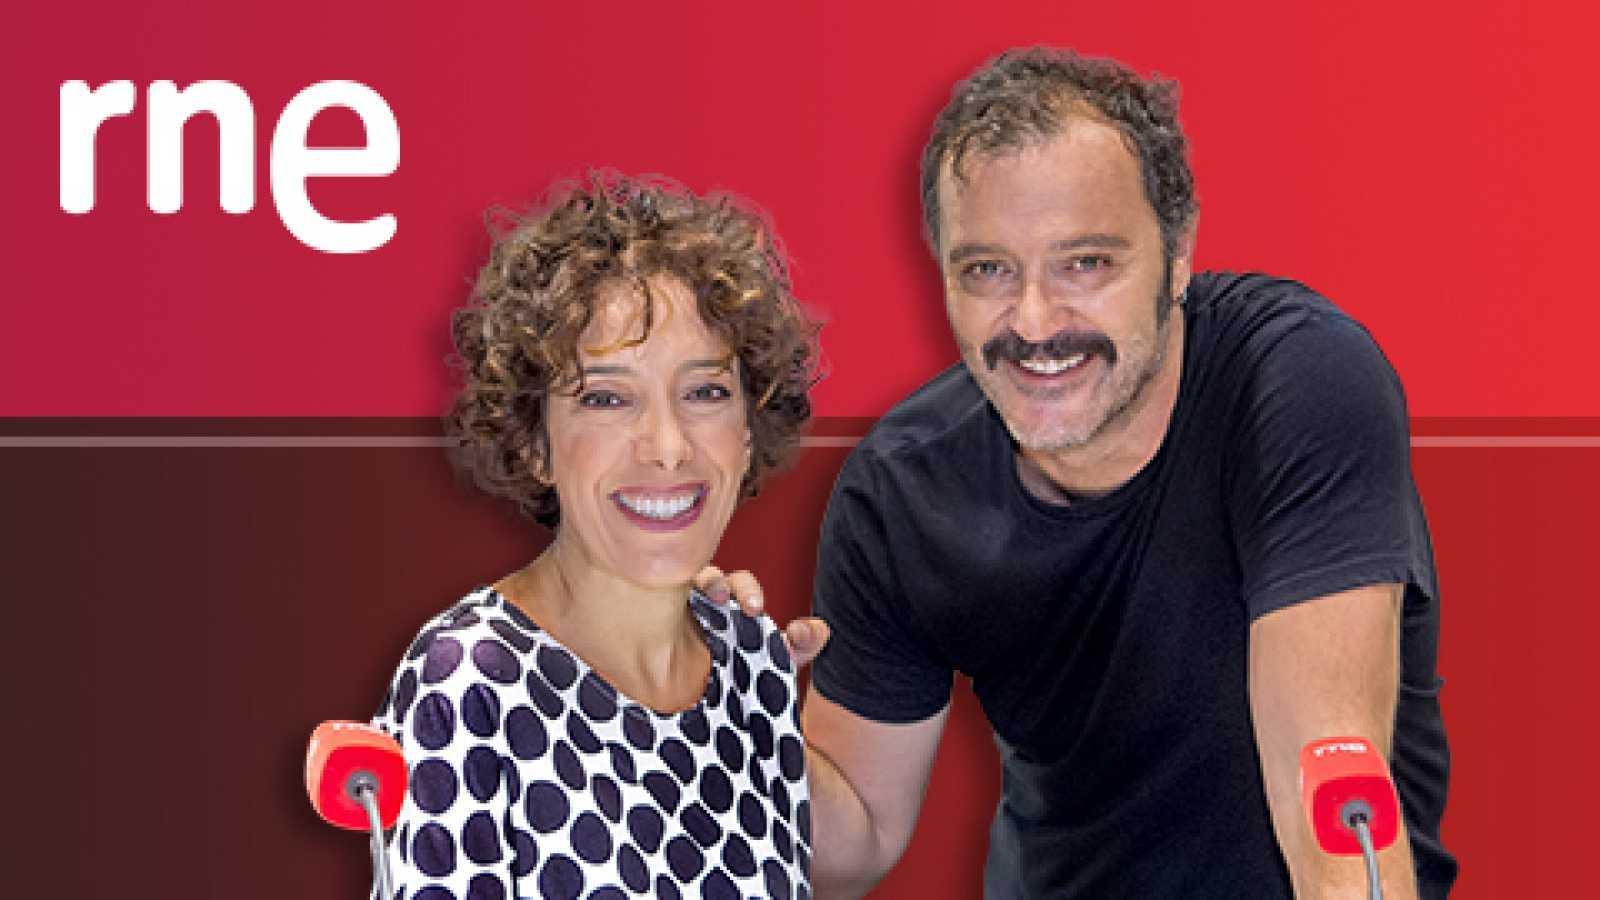 Solamente una vez - Carpintería expandida, mujeres entomólogas y Susana Santaolalla - 11/11/19 - escuchar ahora